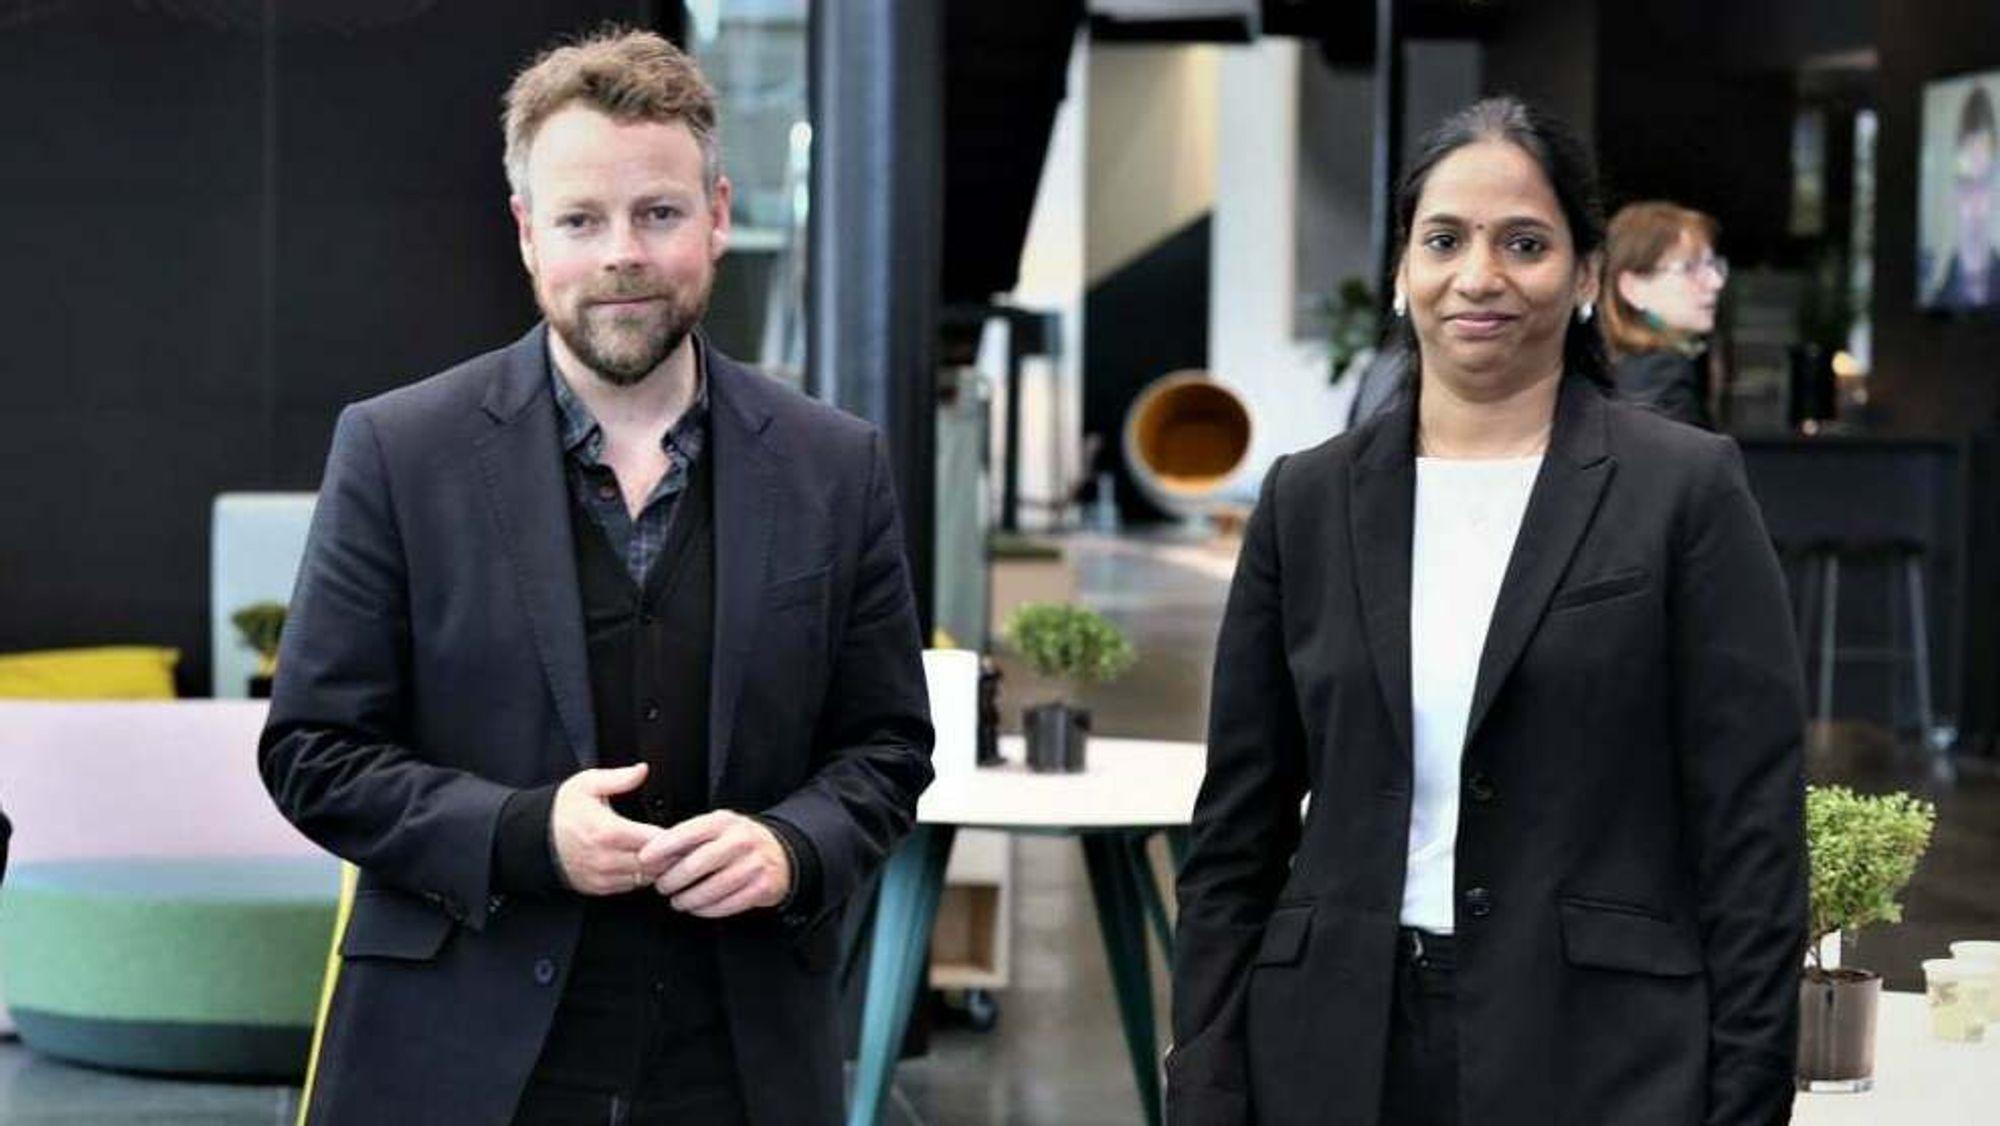 Papitha Sekar deltok i Telenors Open Mind-program, som fylte år og ble feiret med arbeidsminister Torbjørn Røe Isaksen (H) til stede.